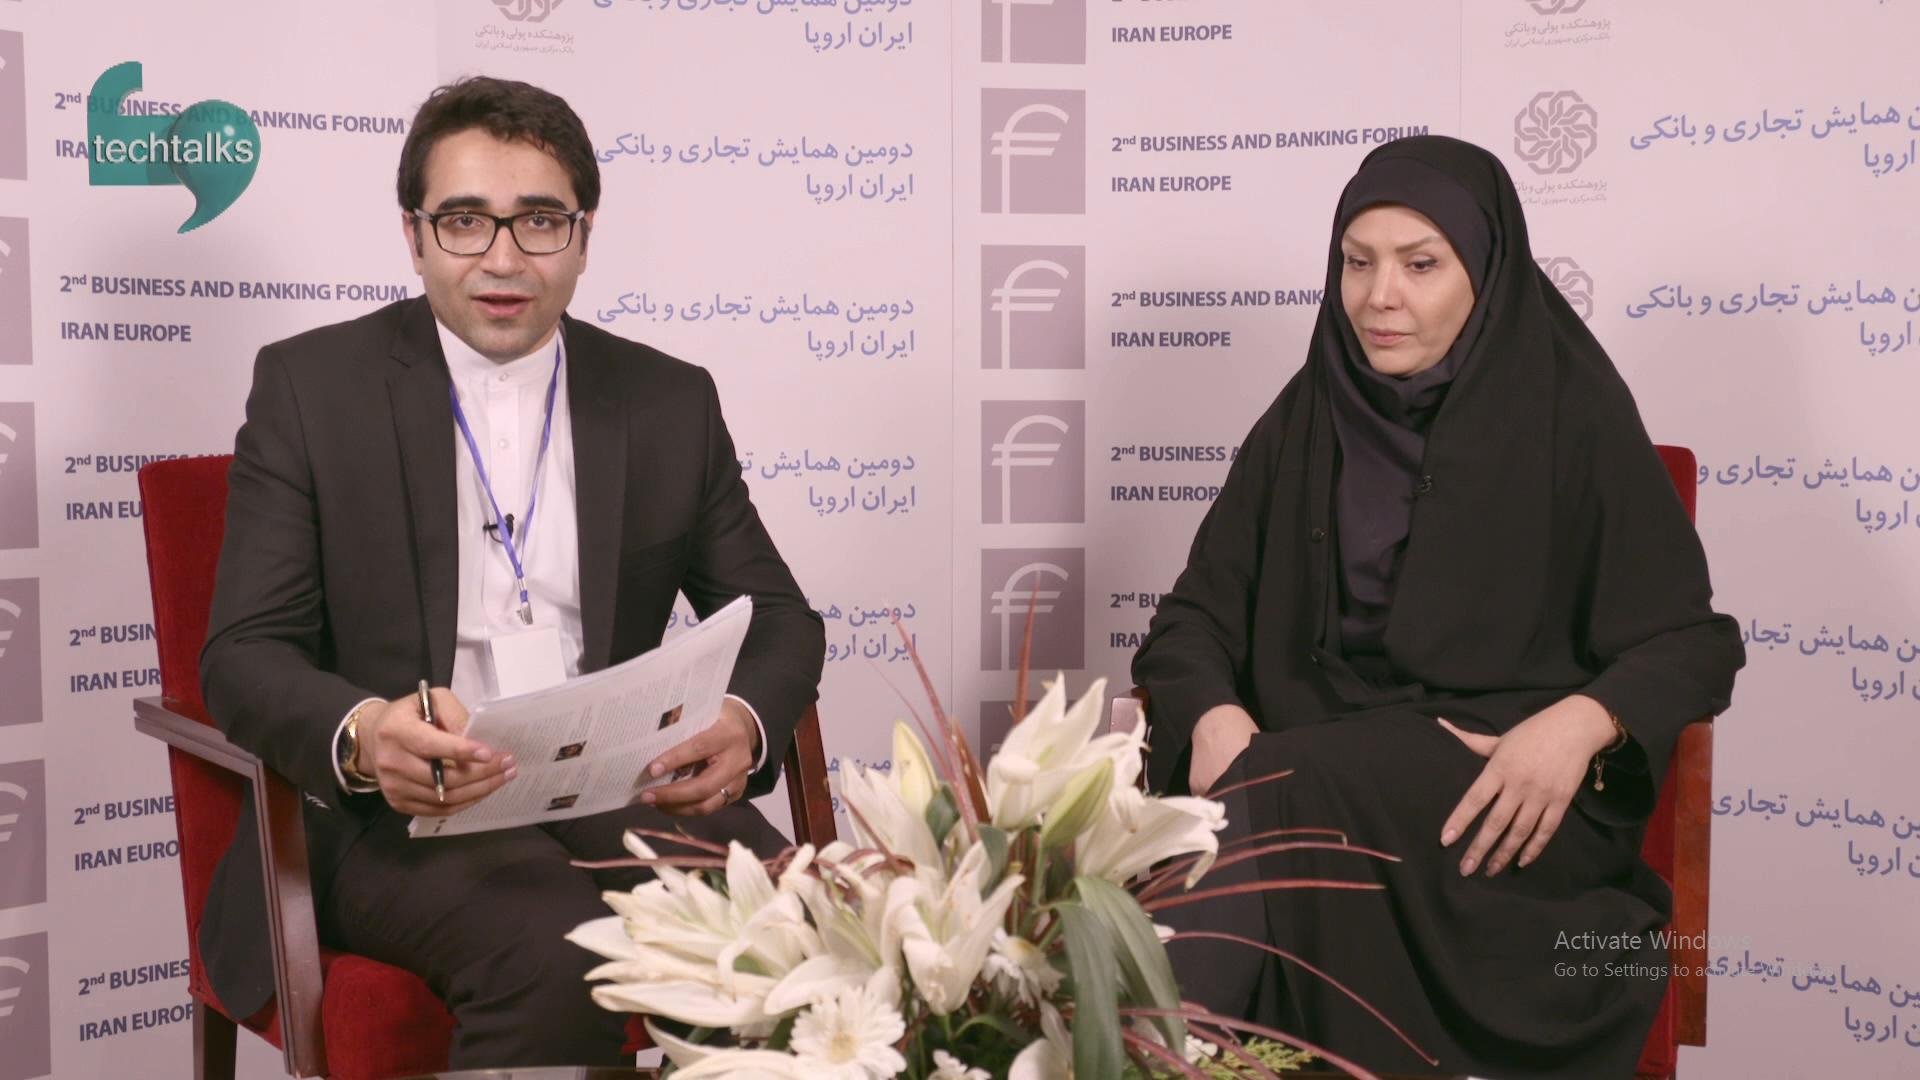 تک تاکس - همایش تجاری و بانکی ایران اروپا(26)- گفتگو با خانم بهرامی - techtalks.ir